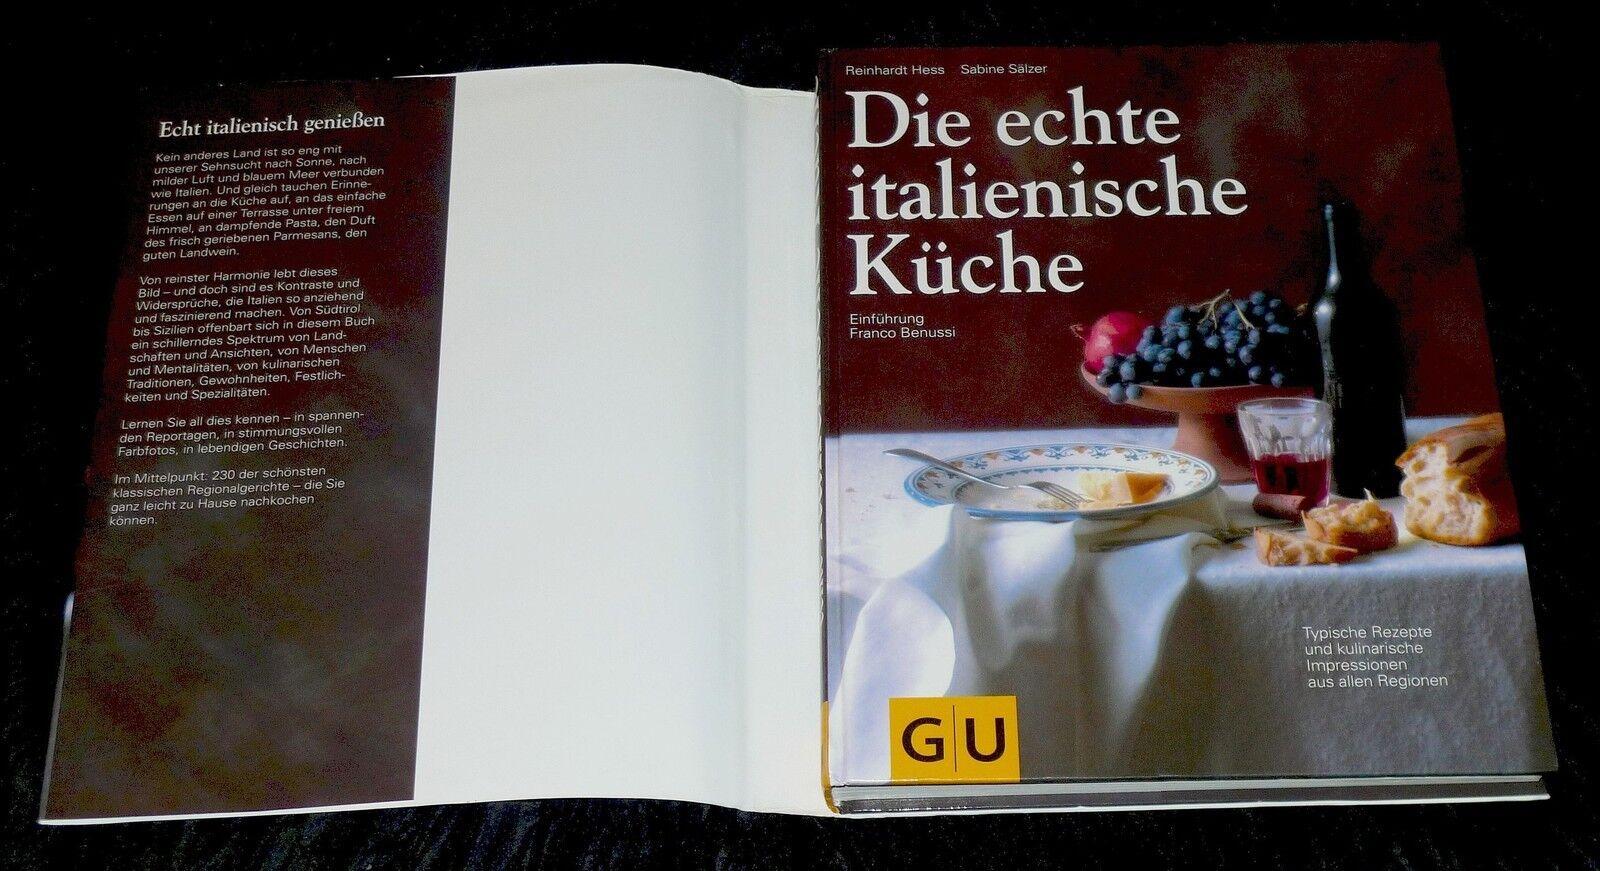 die echte italienische Küche Hess Reinhardt und Sabine Sälzer ...